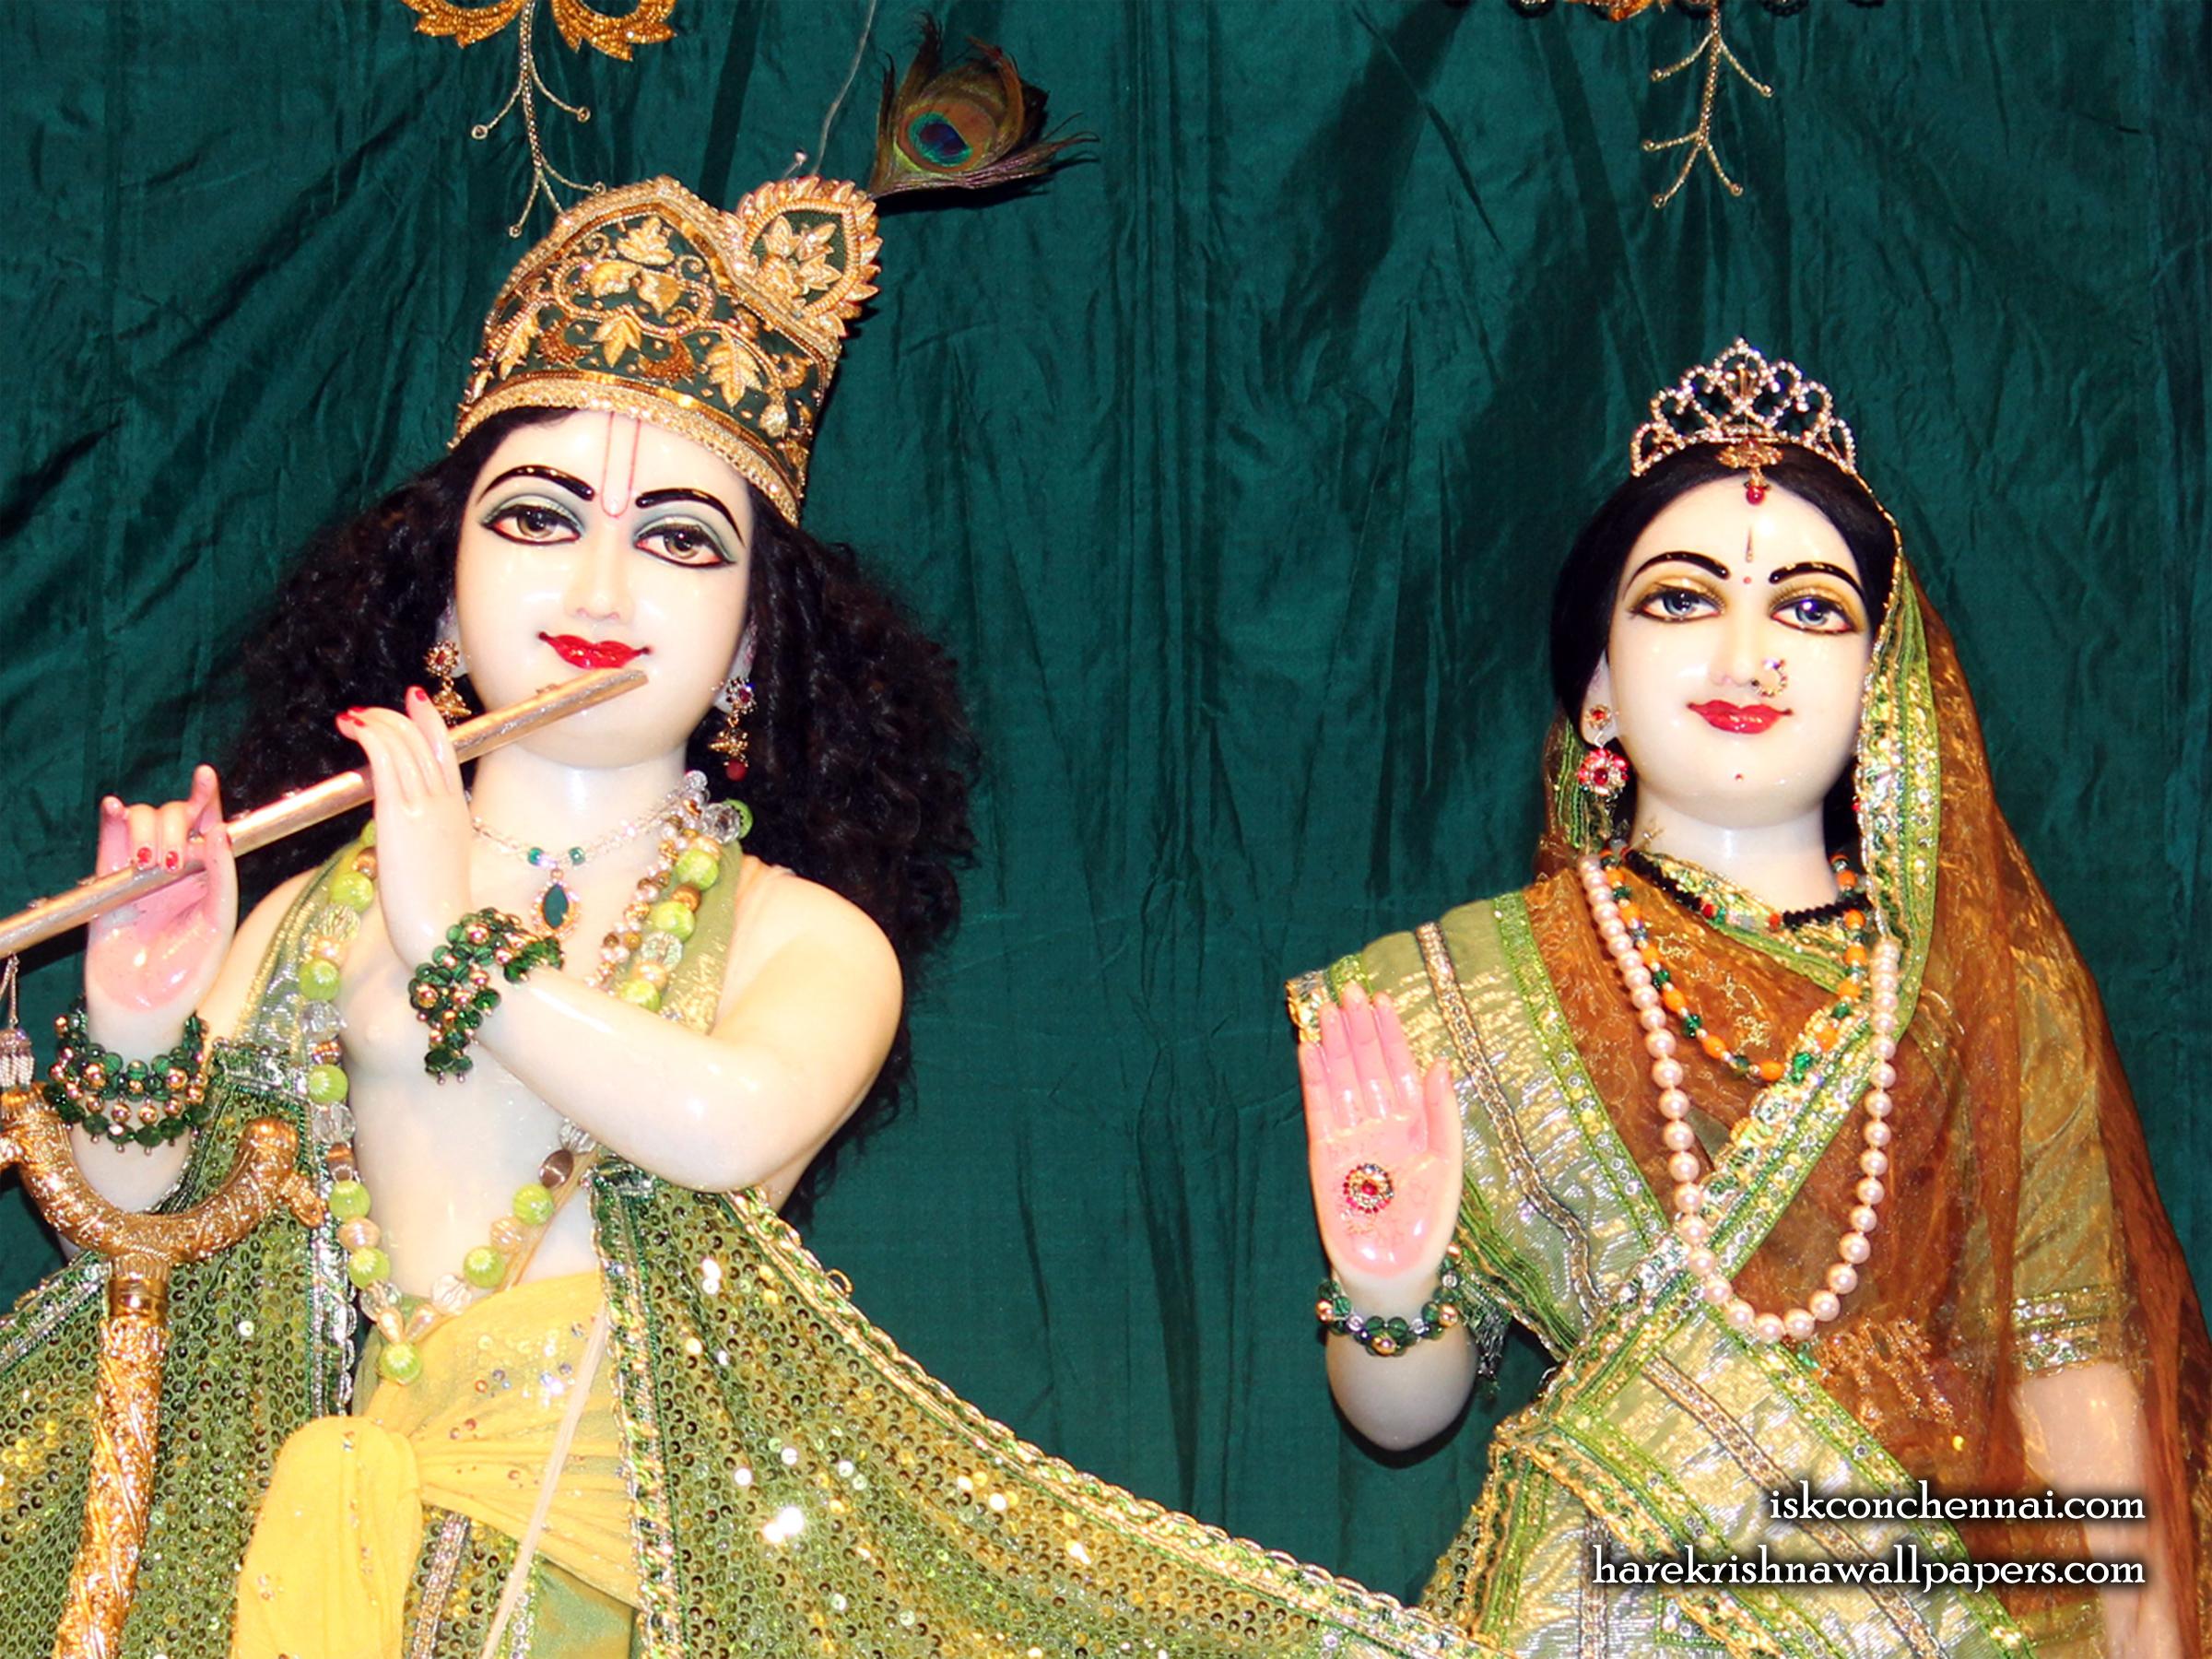 Sri Sri Radha Krishna Close up Wallpaper (013) Size 2400x1800 Download